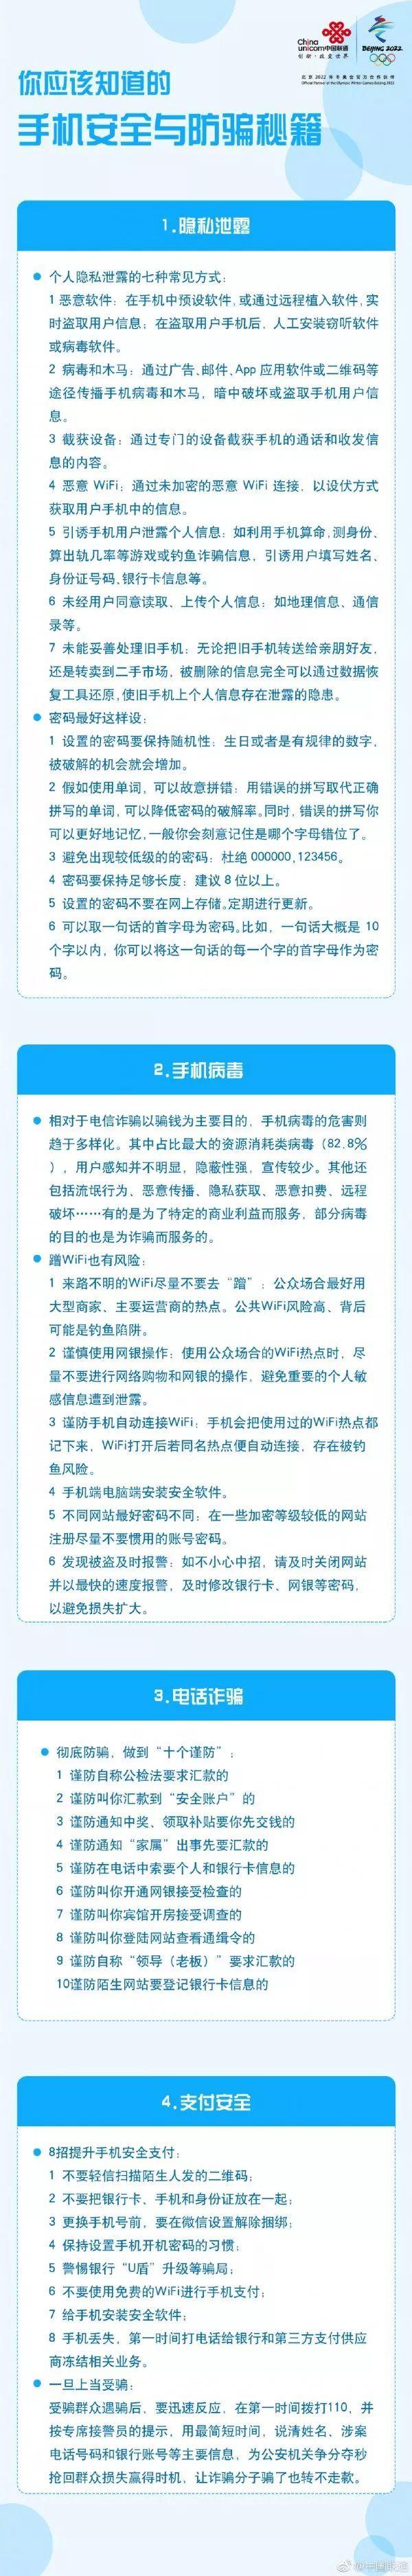 【沃知识】防范智能骚扰电话 中国联通提示您注意智能手机使用安全